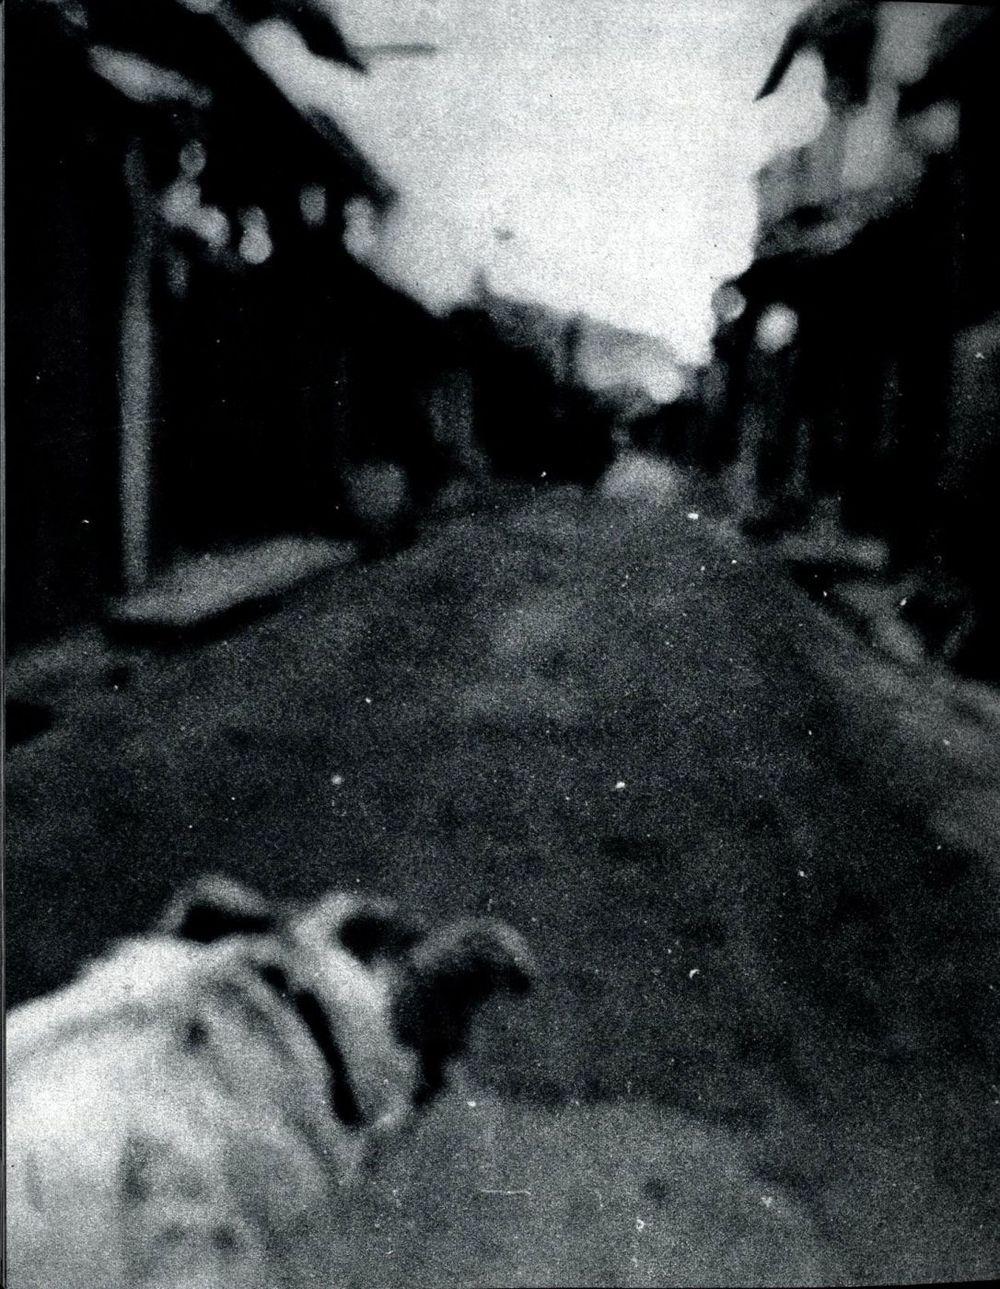 Daido Moriyama: Shashin yo sayonara (Bye, bye photography, dear)